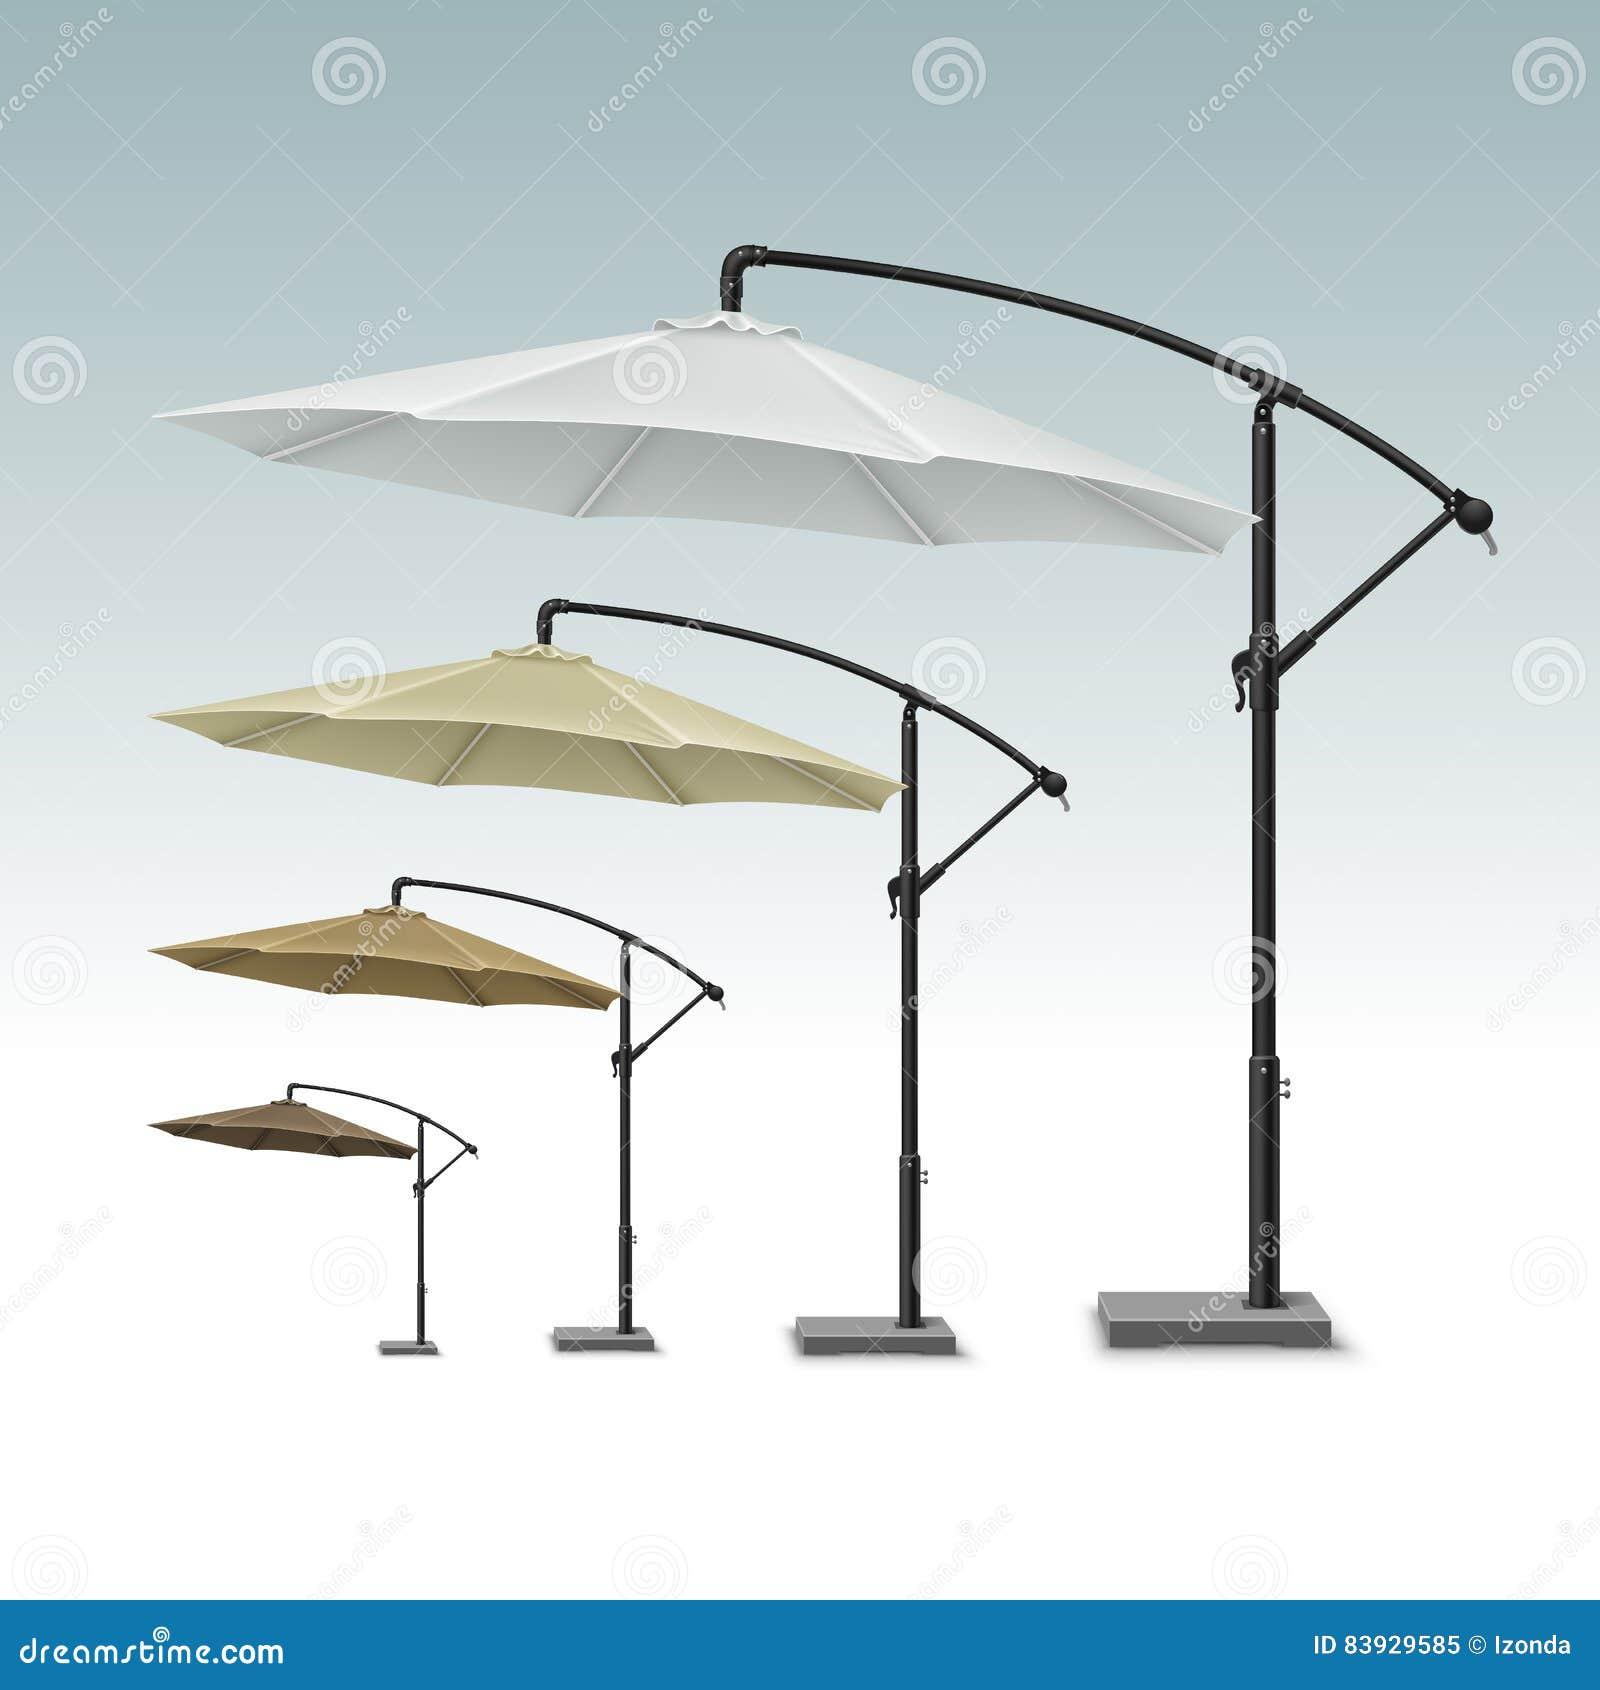 Blank Patio Outdoor Beach Cafe Umbrella Parasol Stock Vector Illustration Of Parasol Relax 83929585